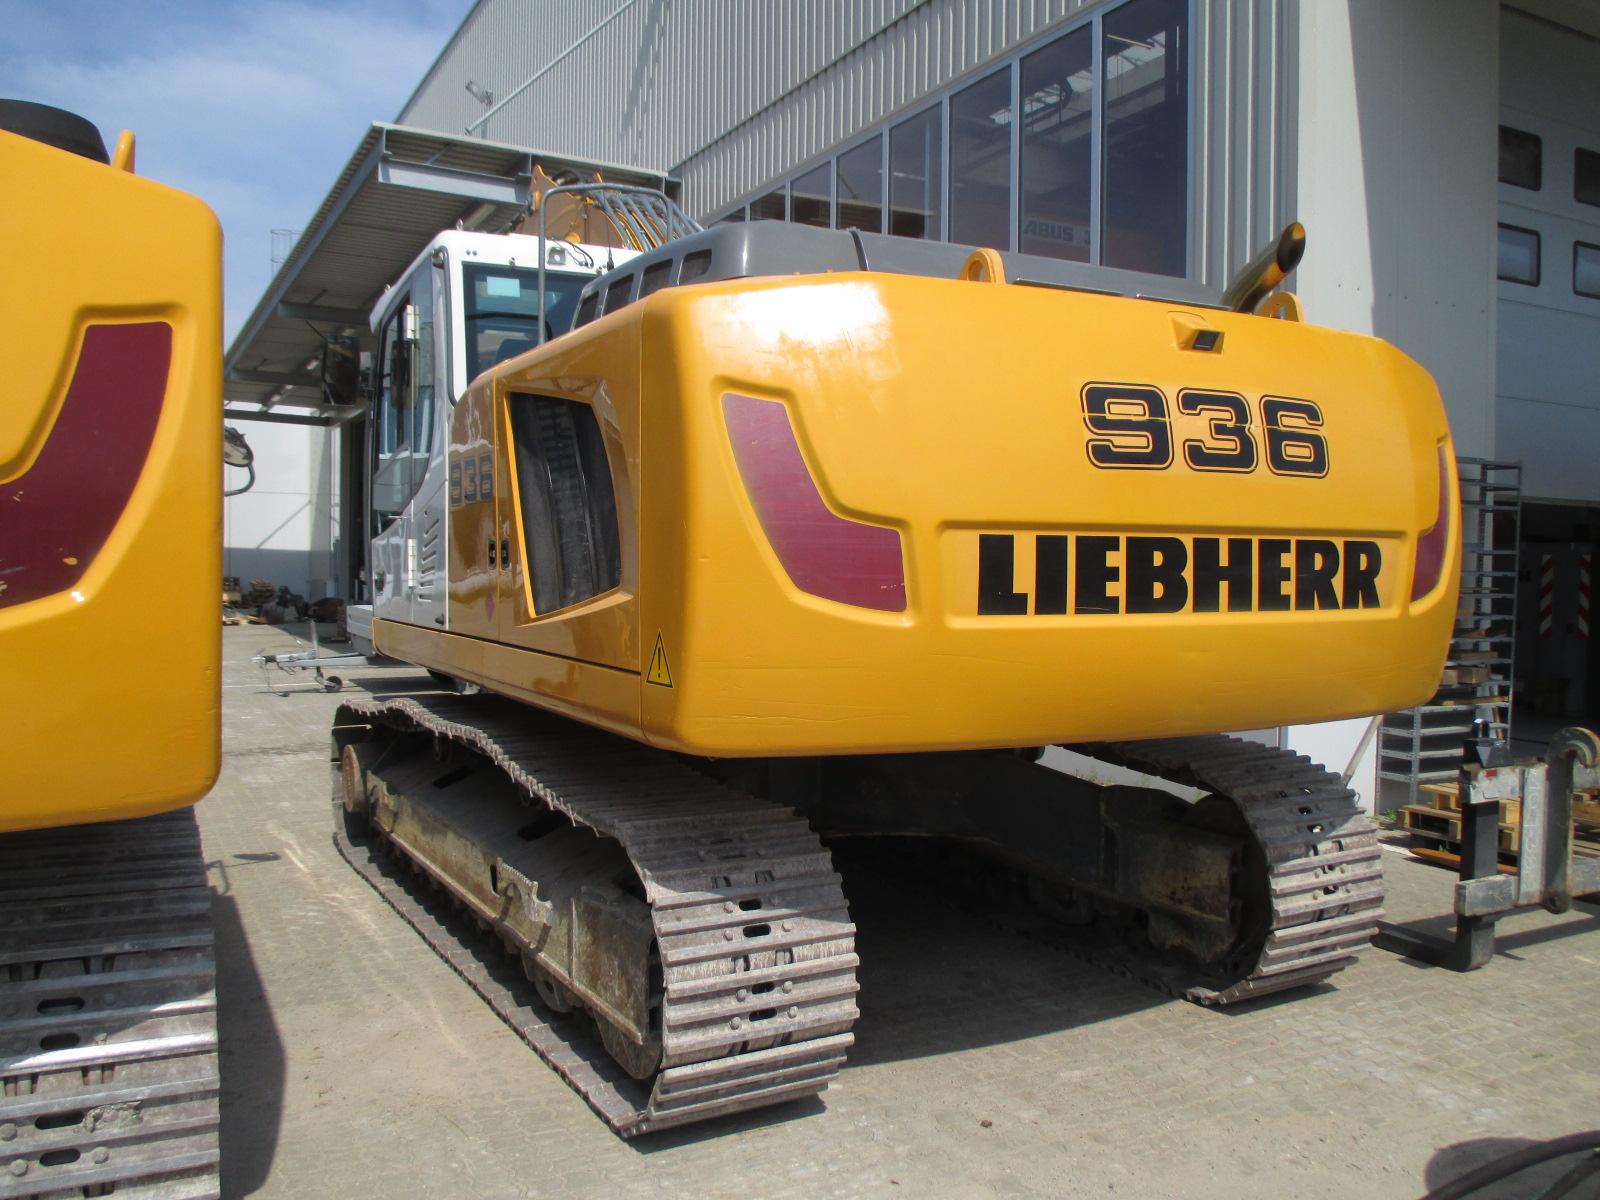 R 936 NLC LI -1147-35206_002.JPG